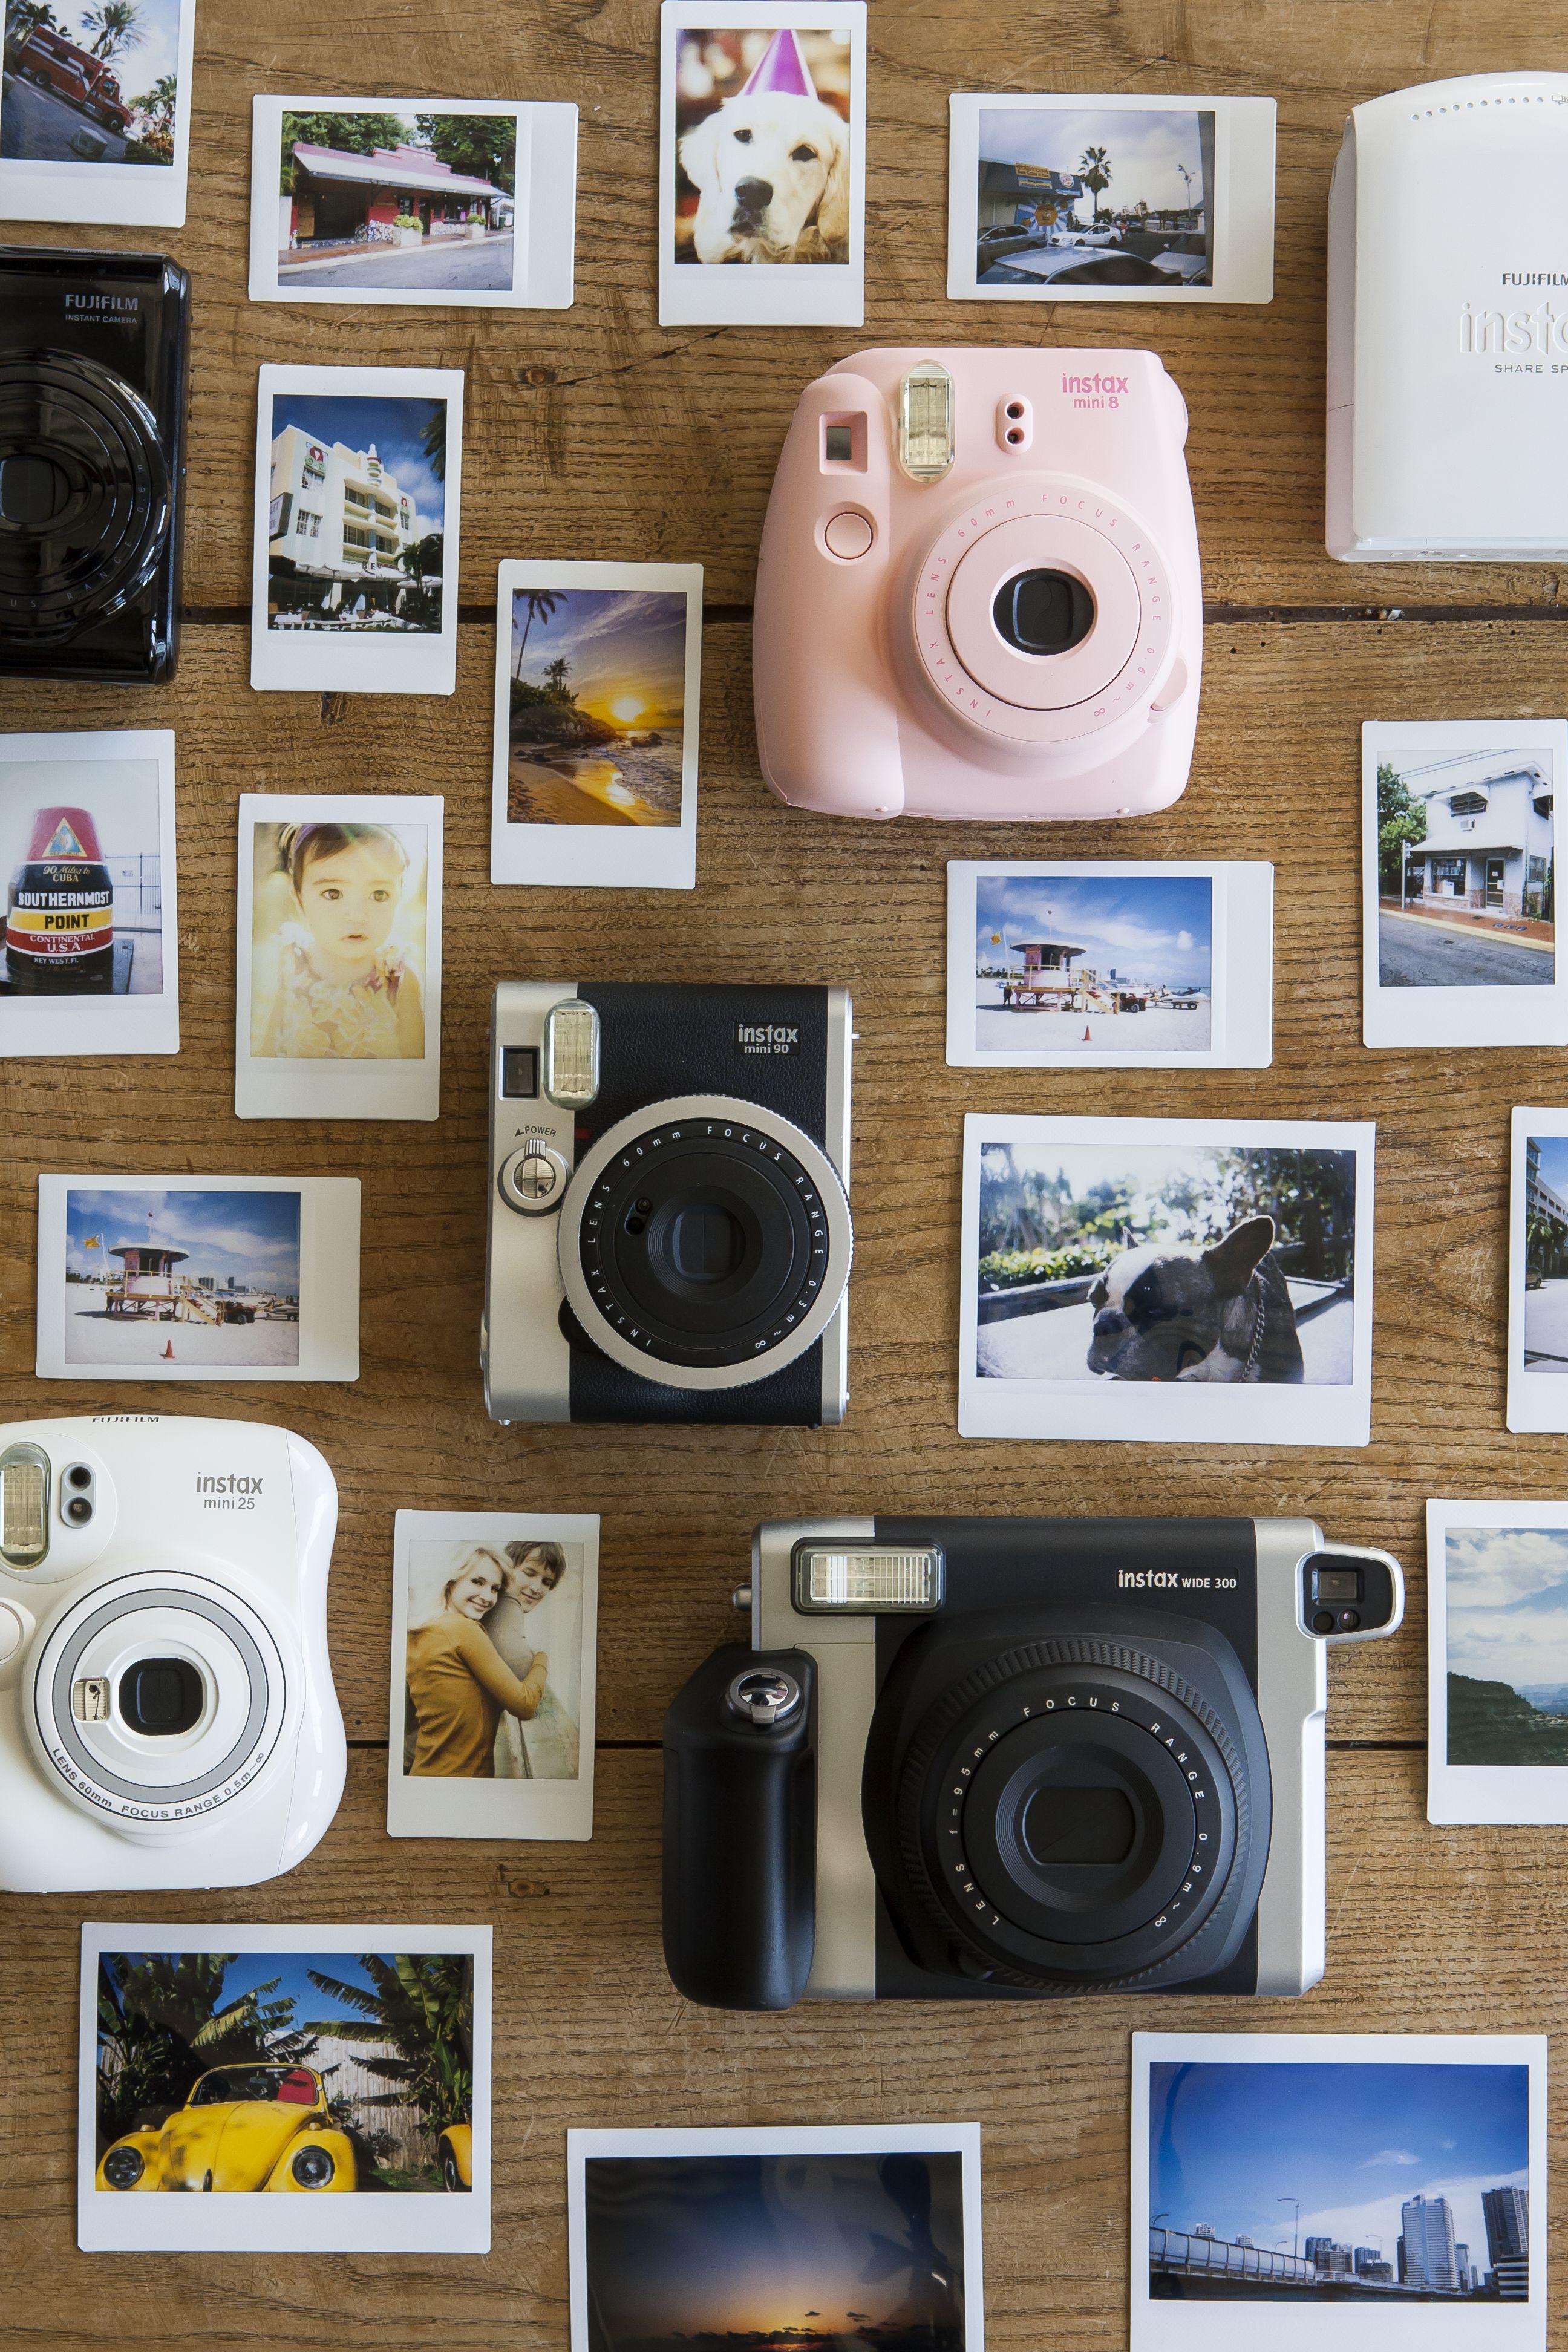 Fujifilm Instax yilbasi